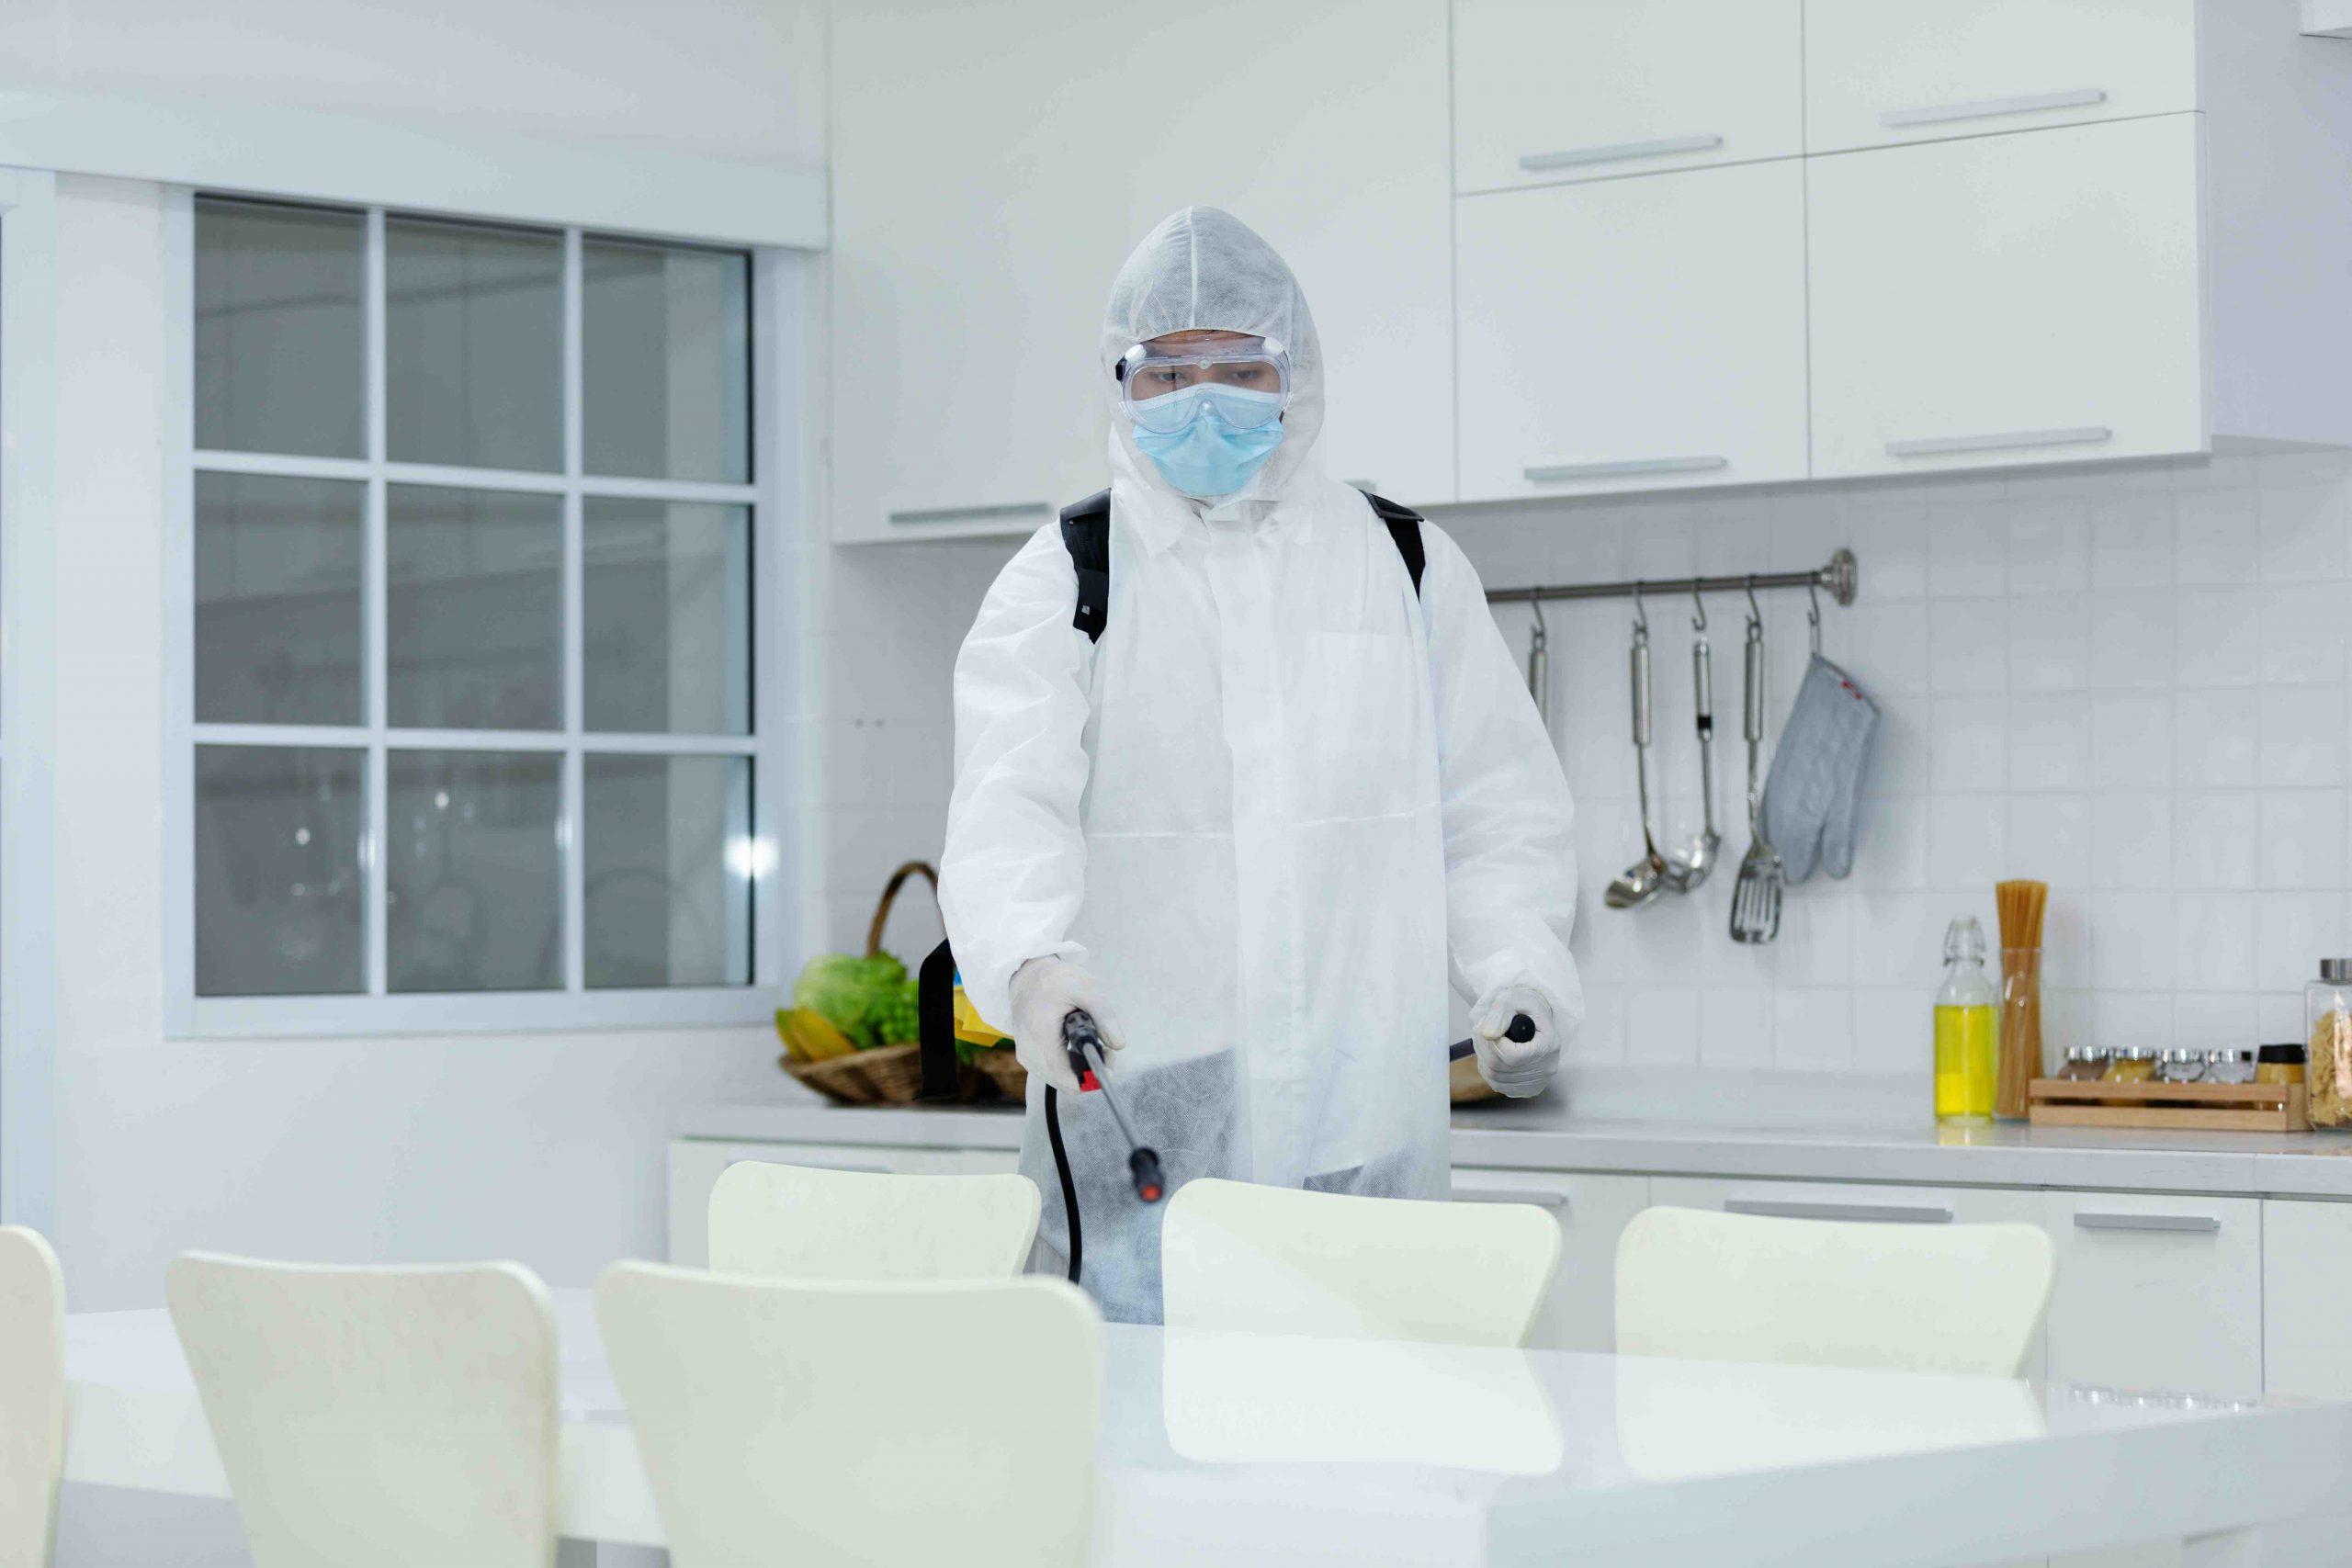 Reinigungspersonal reinigt Krankenhaus